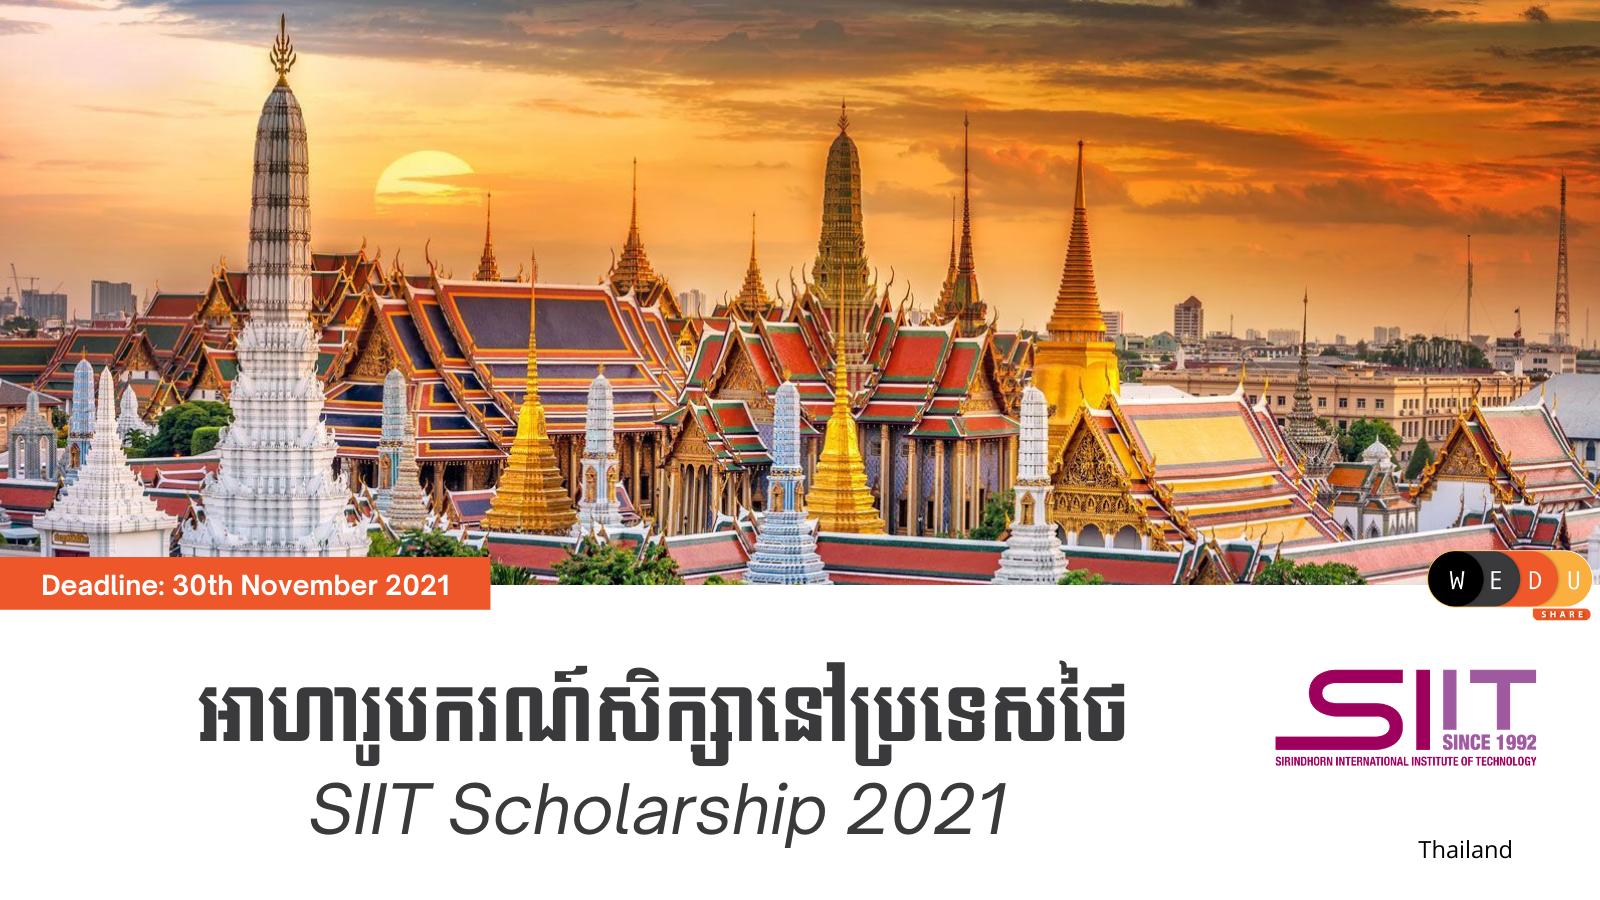 SIIT Scholarship 2021